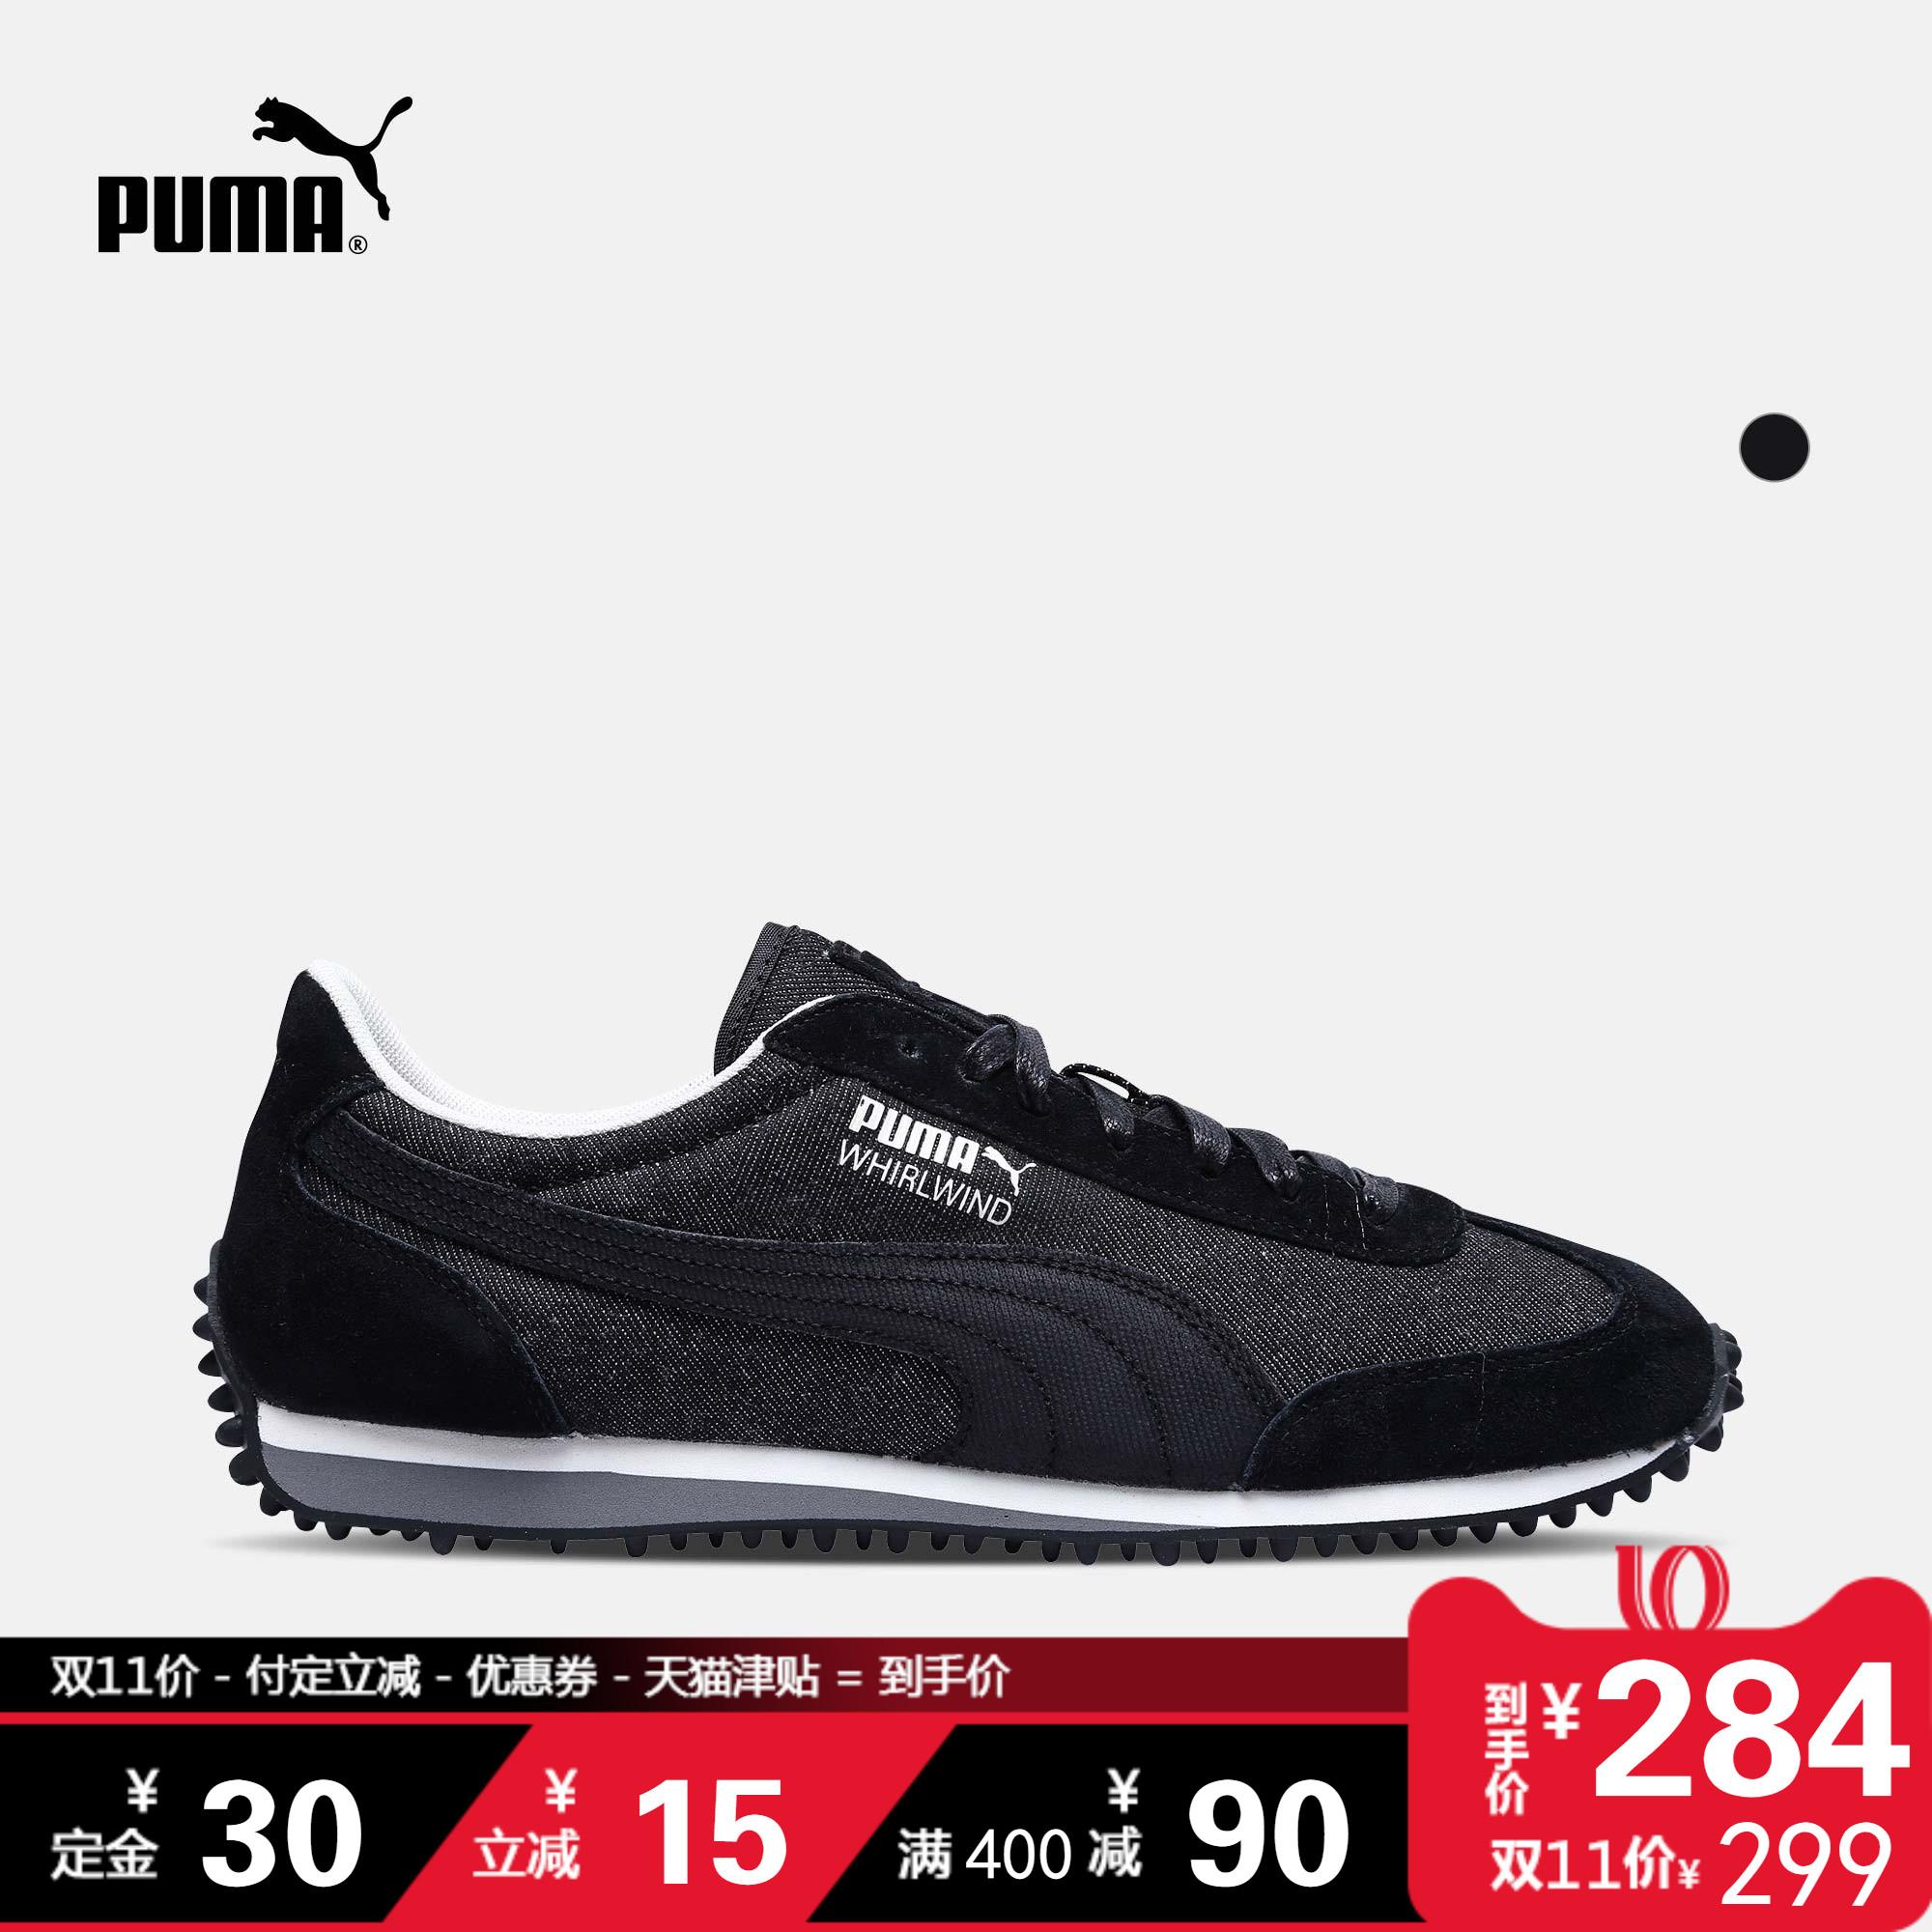 预售 PUMA彪马官方 男女同款运动休闲鞋 Whirlwind Denim 363417